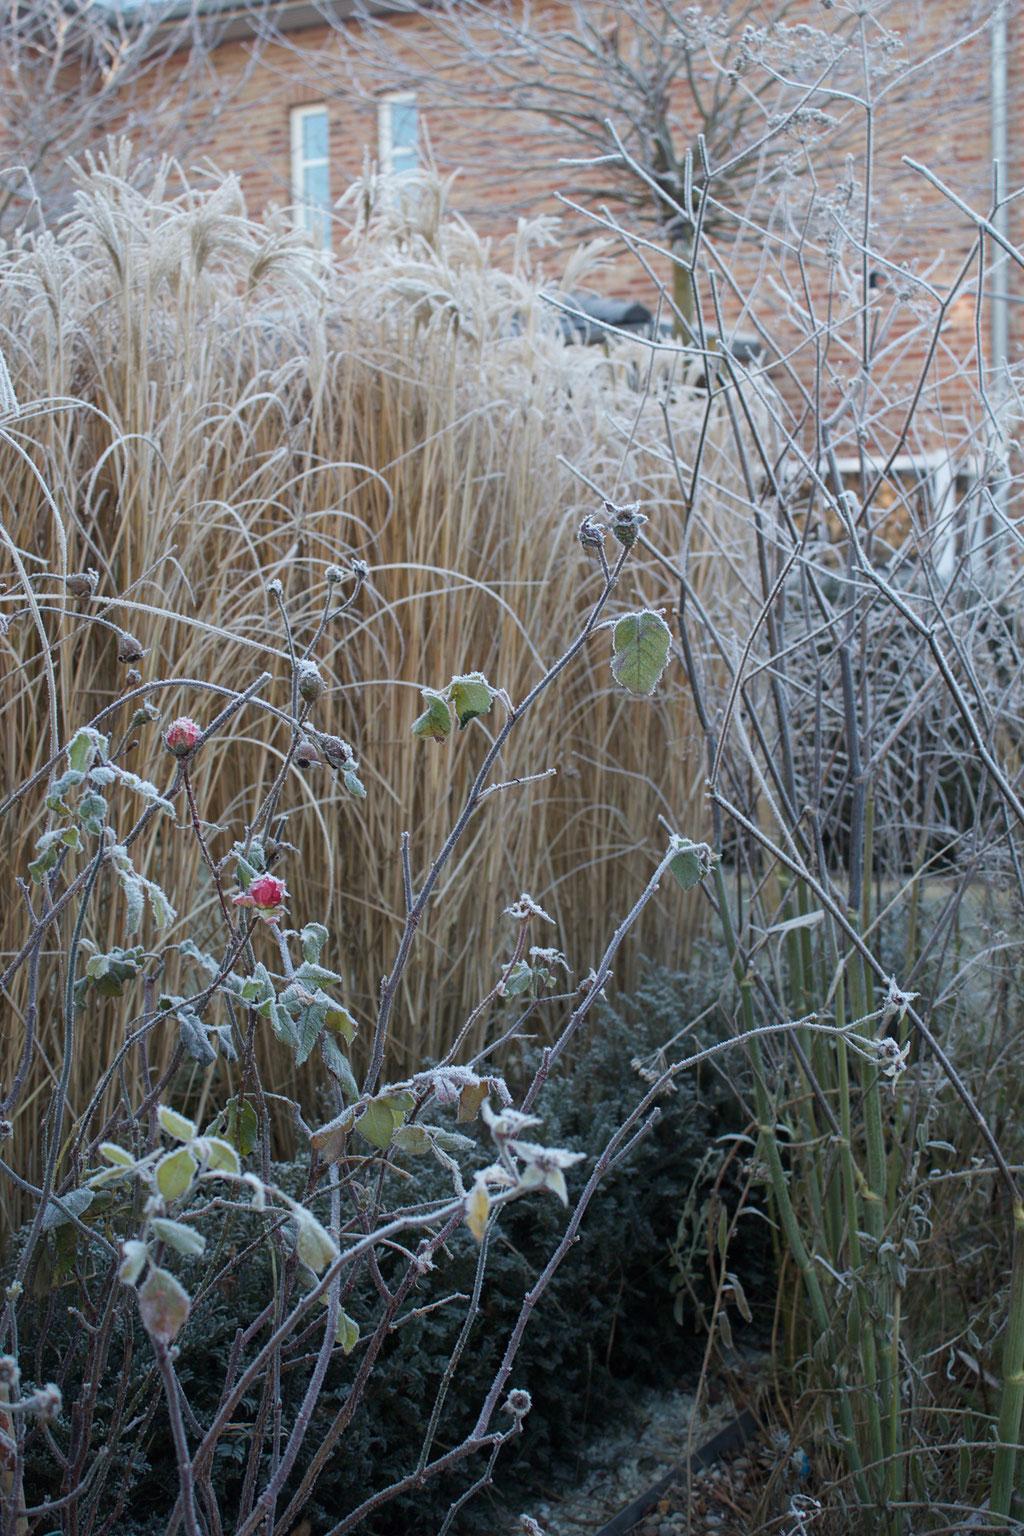 dieartigeBLOG - Wintergarten, Rauhreif + Eiskristalle, Chinaschilf, Rosen + Fenchel